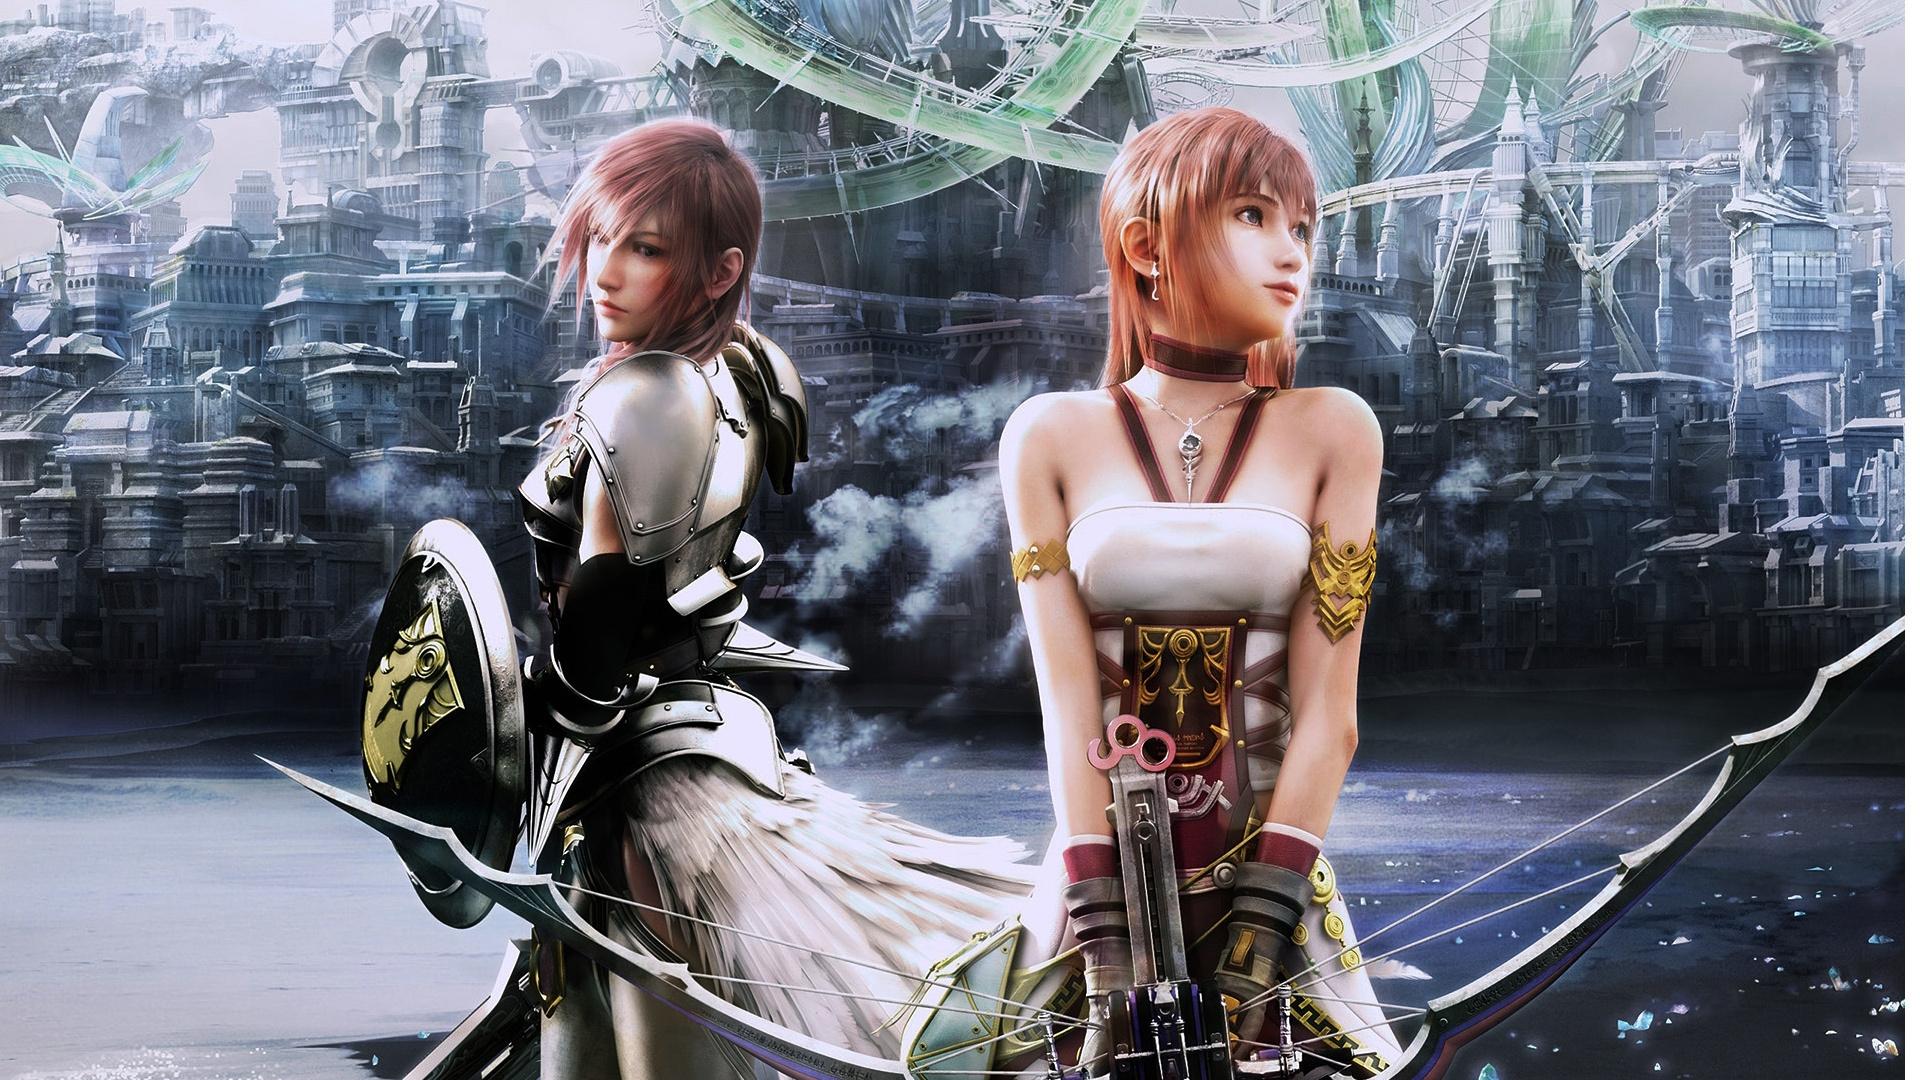 Скачать картинку Игры, Последняя Фантазия (Final Fantasy) в телефон бесплатно.